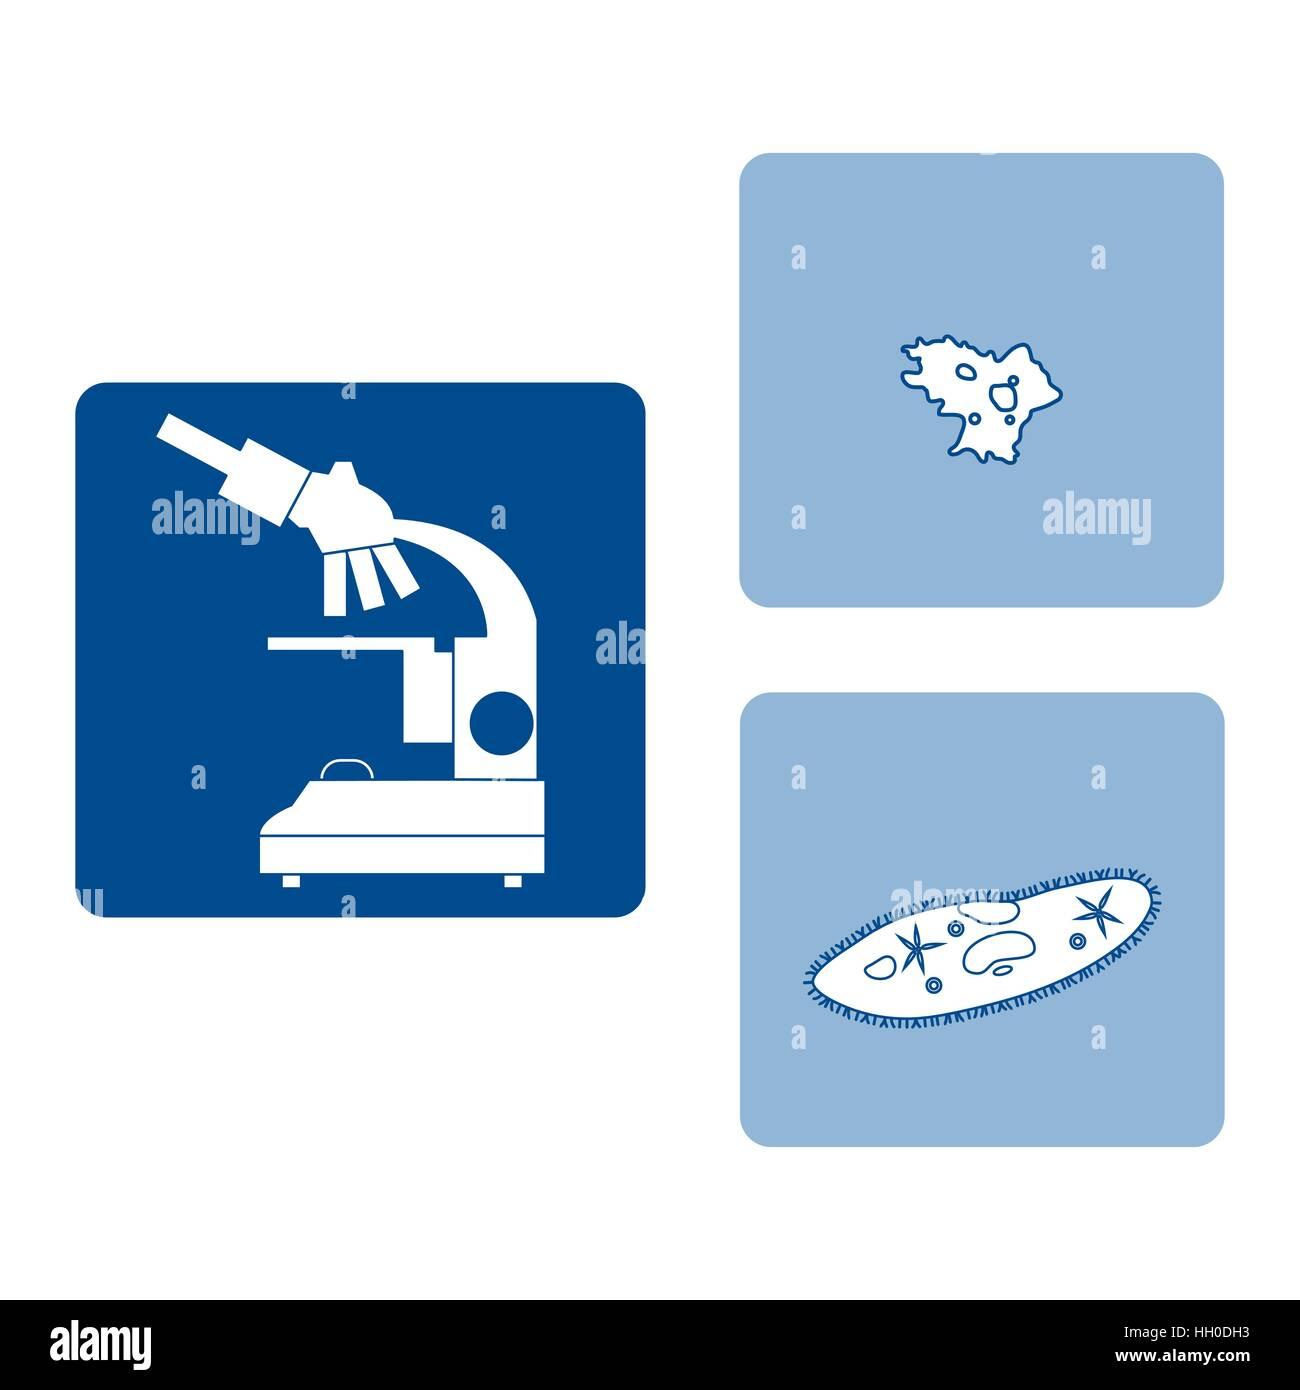 Icone stilizzate di microscopio, ameba, ciliato-pantofola. Dispositivo di ingrandimento segno. Attrezzature di laboratorio Immagini Stock